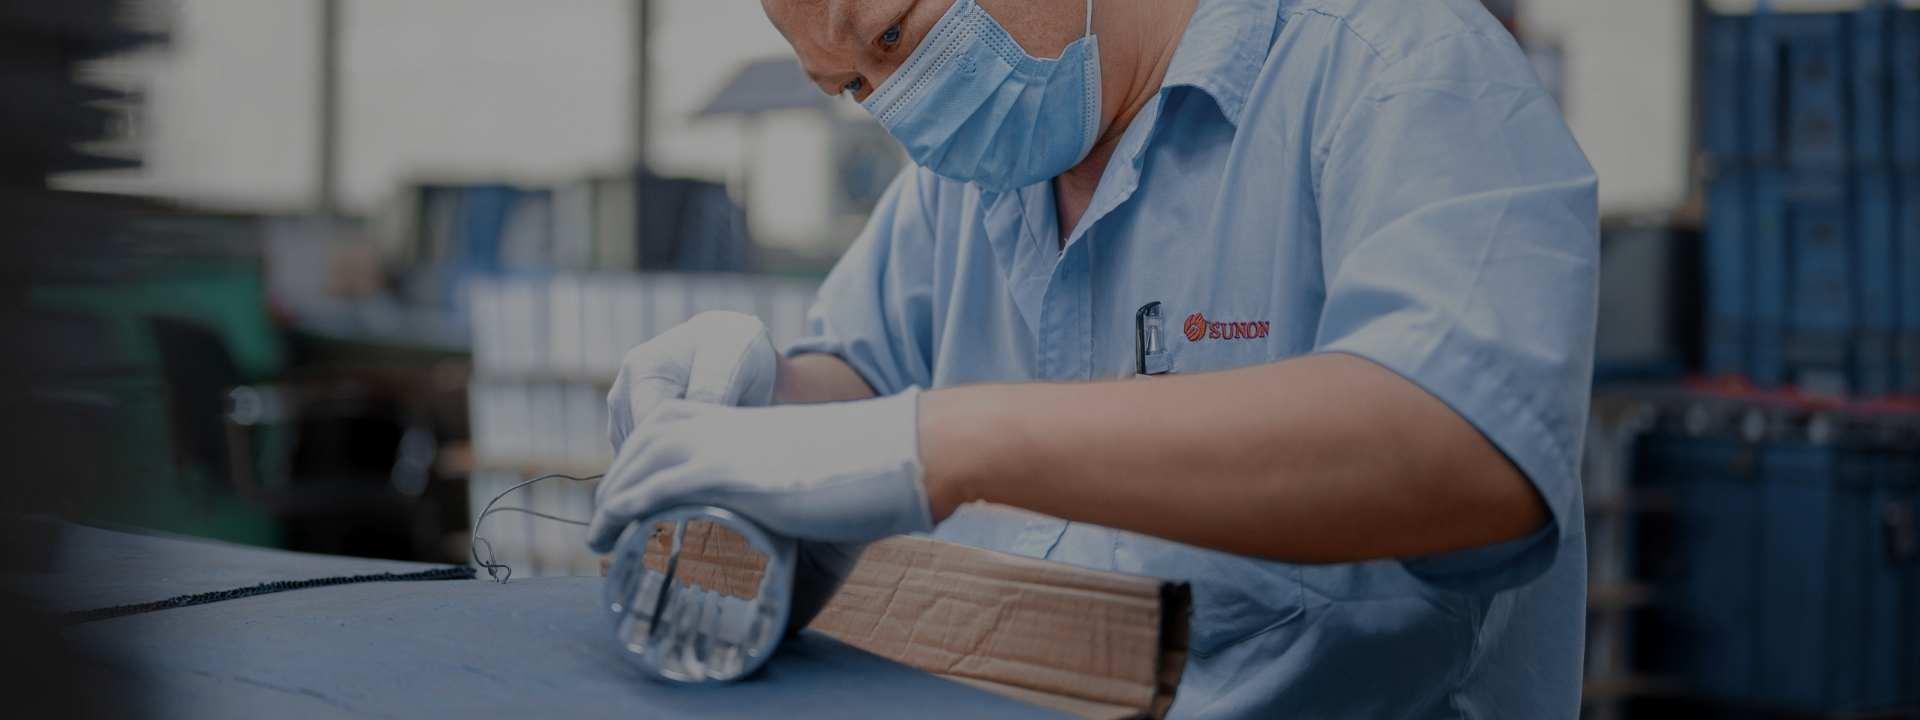 Magnesium Die Casting manufacturer